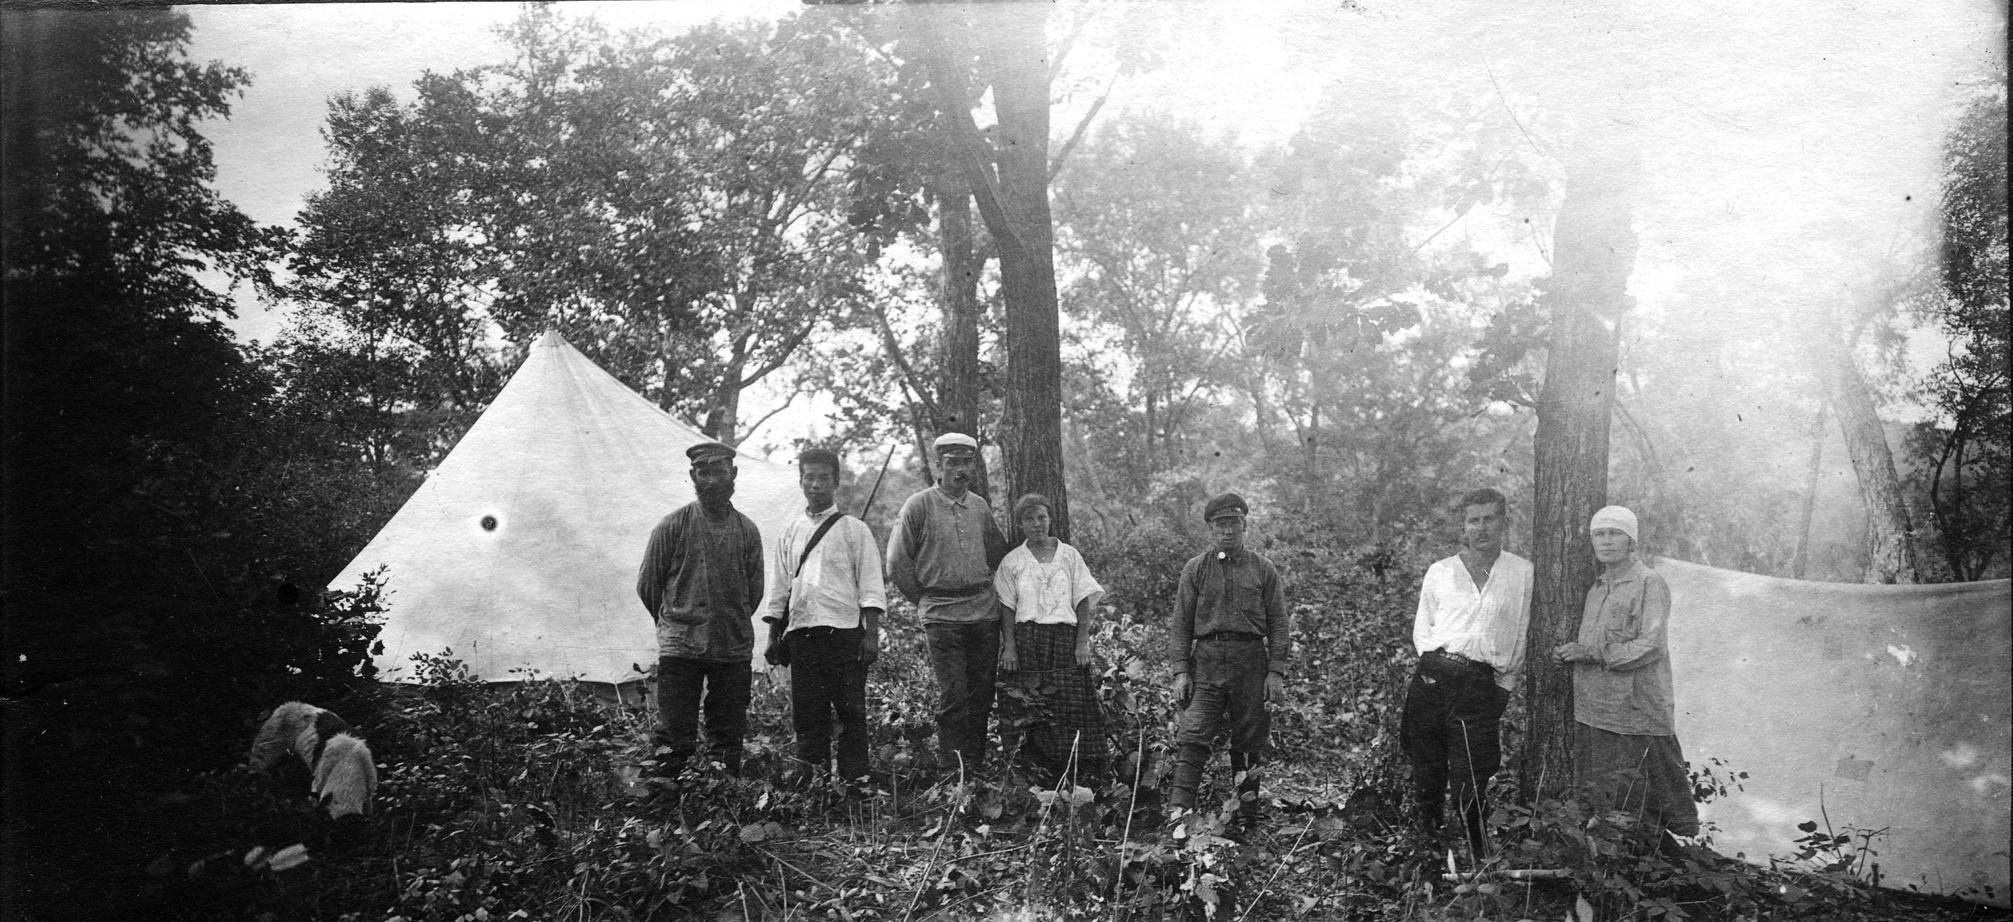 Участники экспедиции в базовом лагере